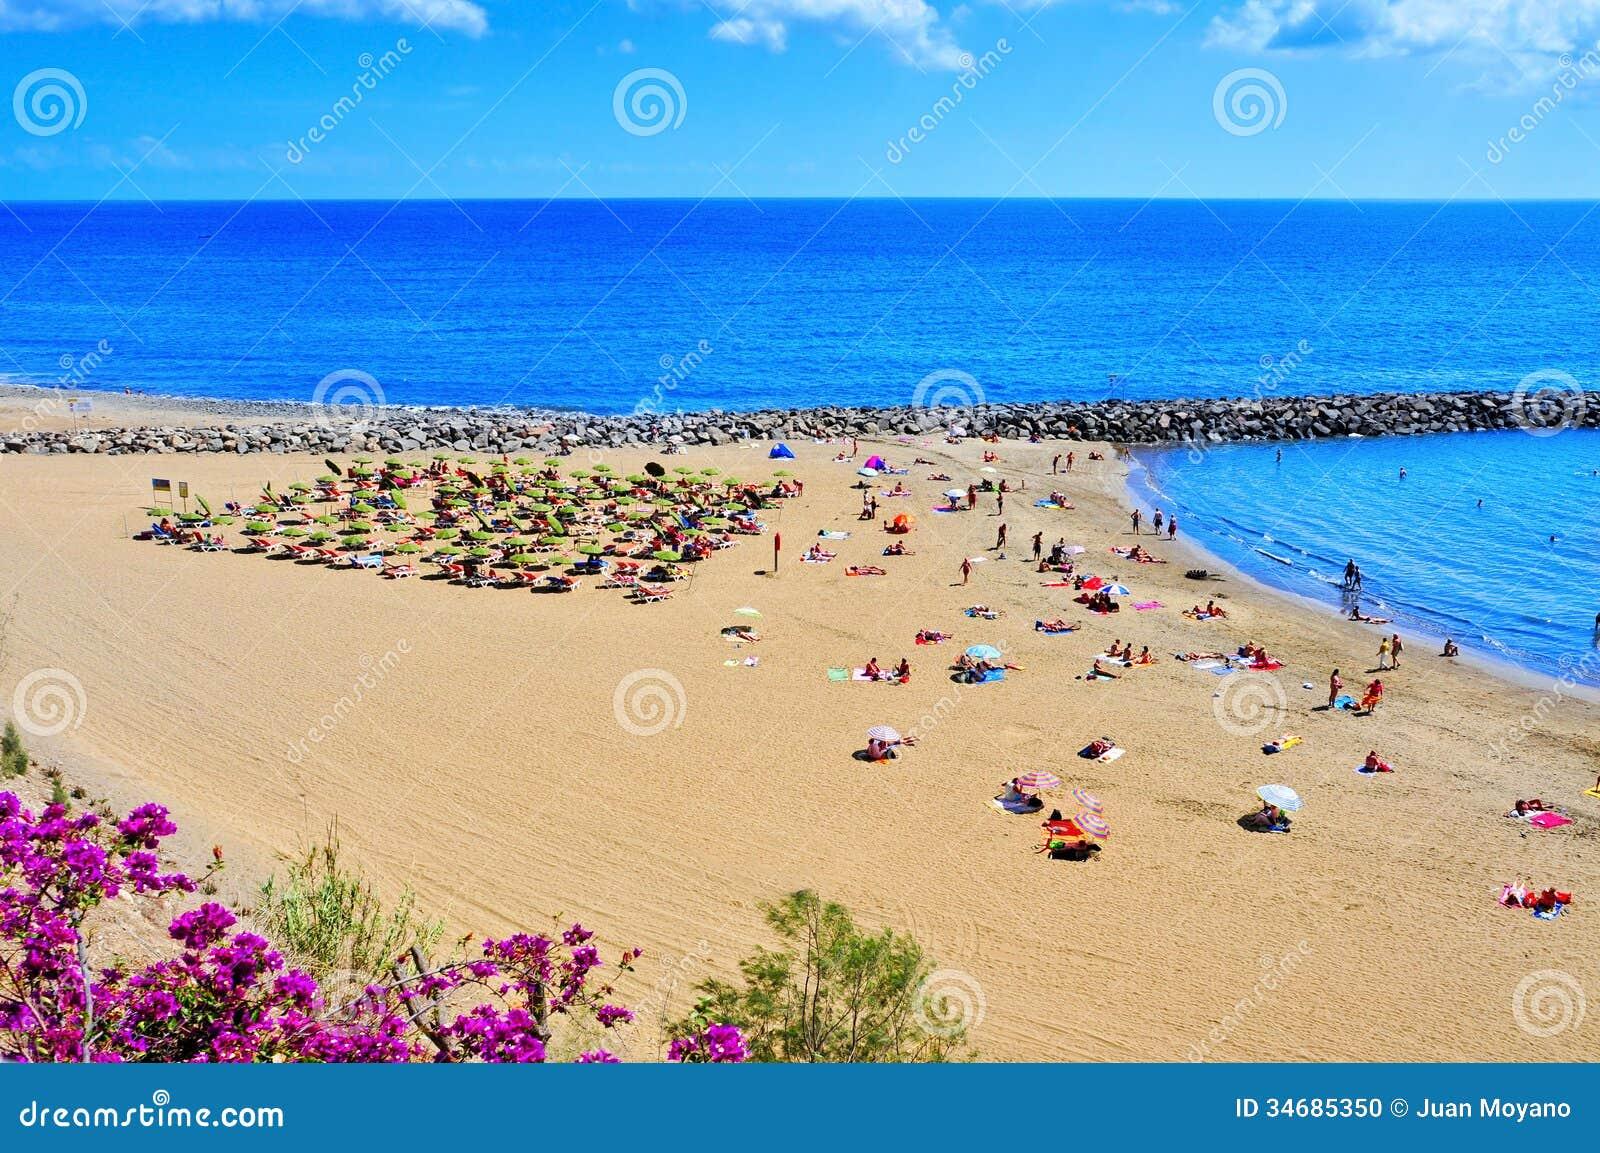 MASPALOMAS, SPAIN - OCTOBER 9: Playa del Ingles beach on October 9 ...